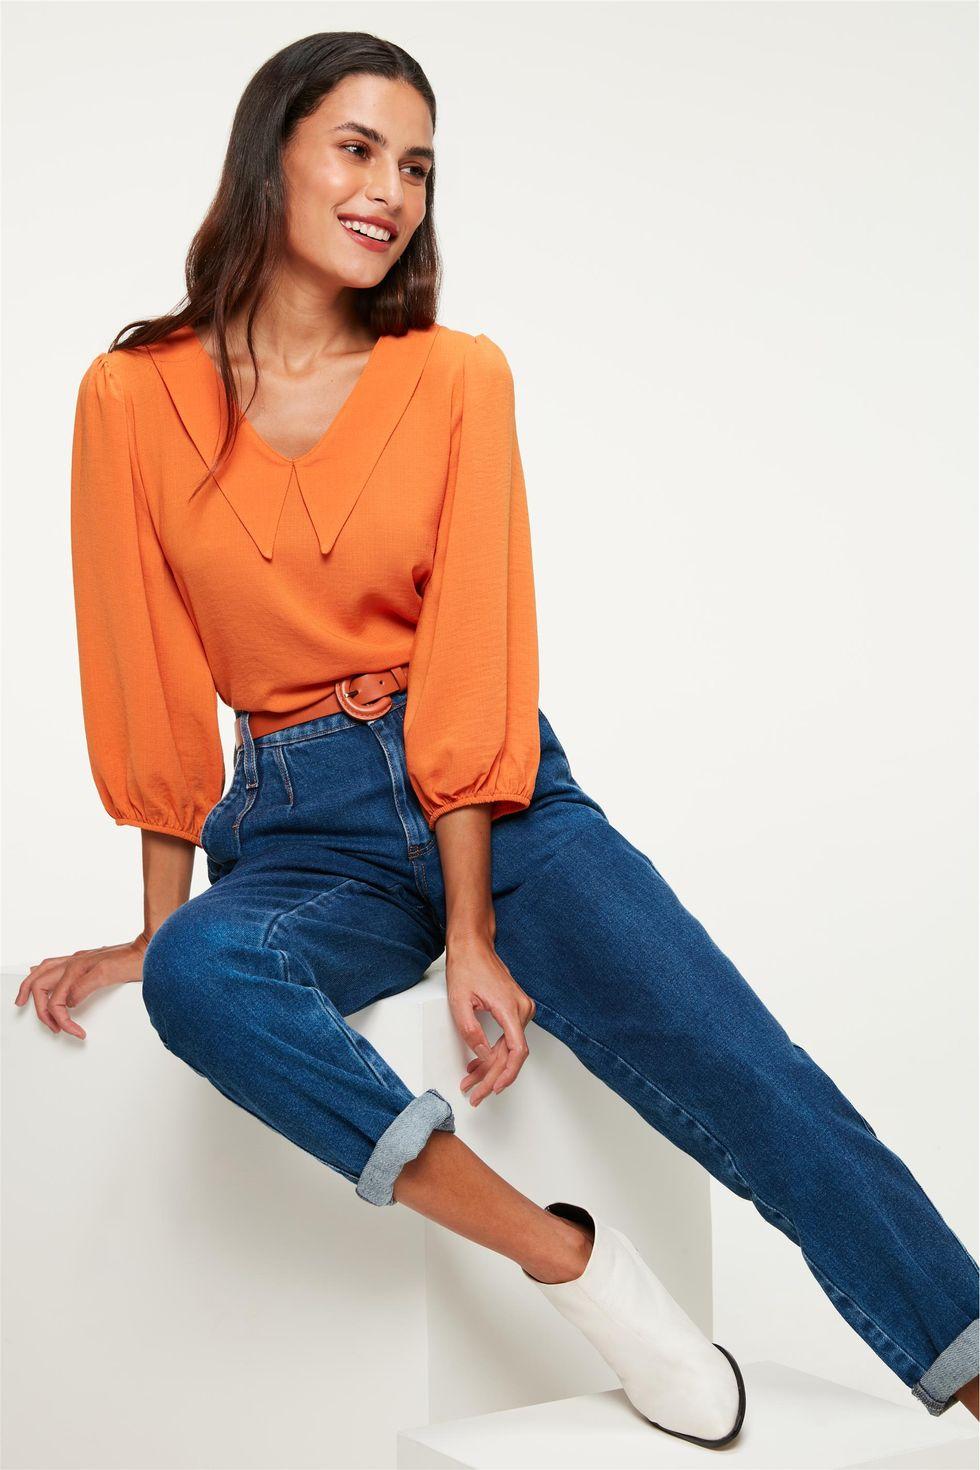 Calça Jeans Slouchy com Cinto Color Tam: 32 / Cor: ESCURA